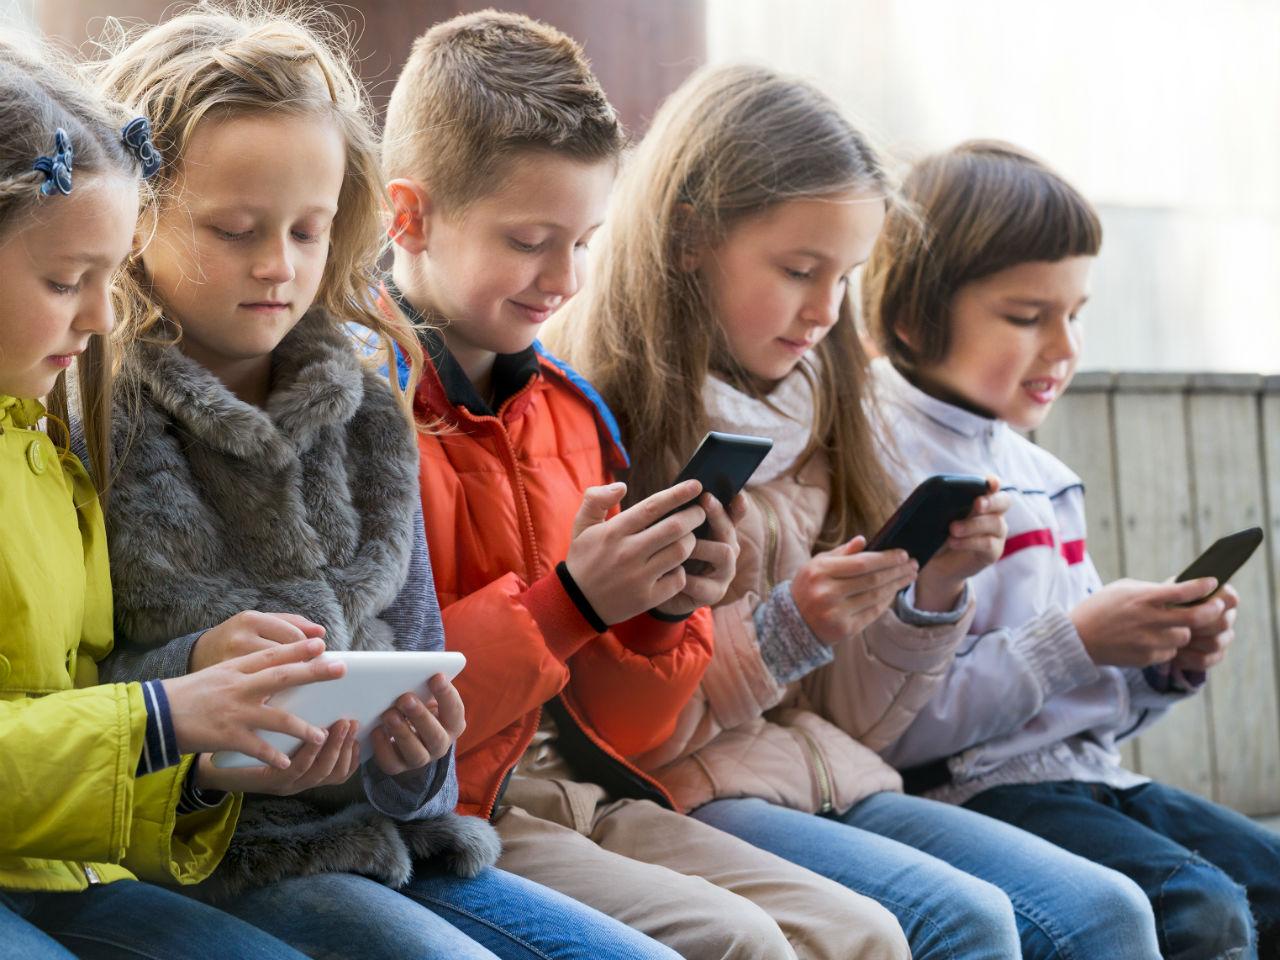 Ograničite vreme za korišćenje aplikacija kod deteta